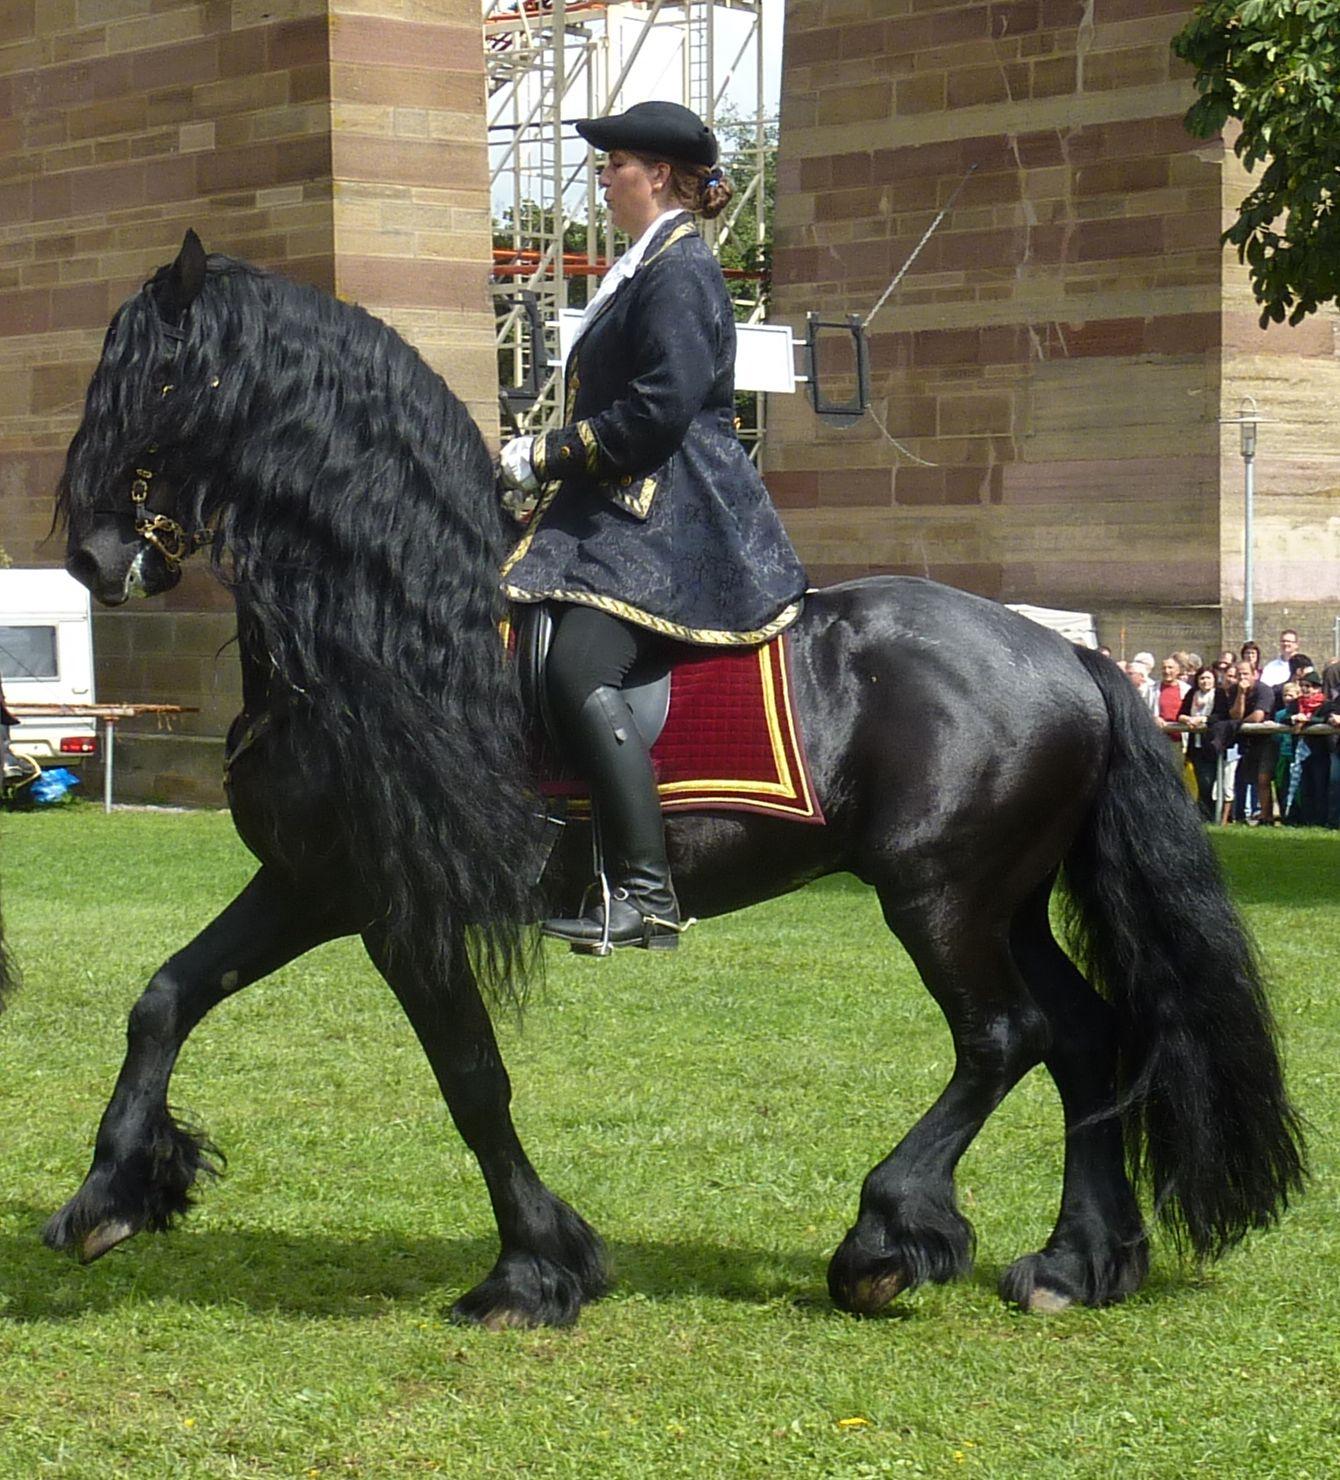 Lista De Raas De Cavalos Wikipdia A Enciclopdia Livre